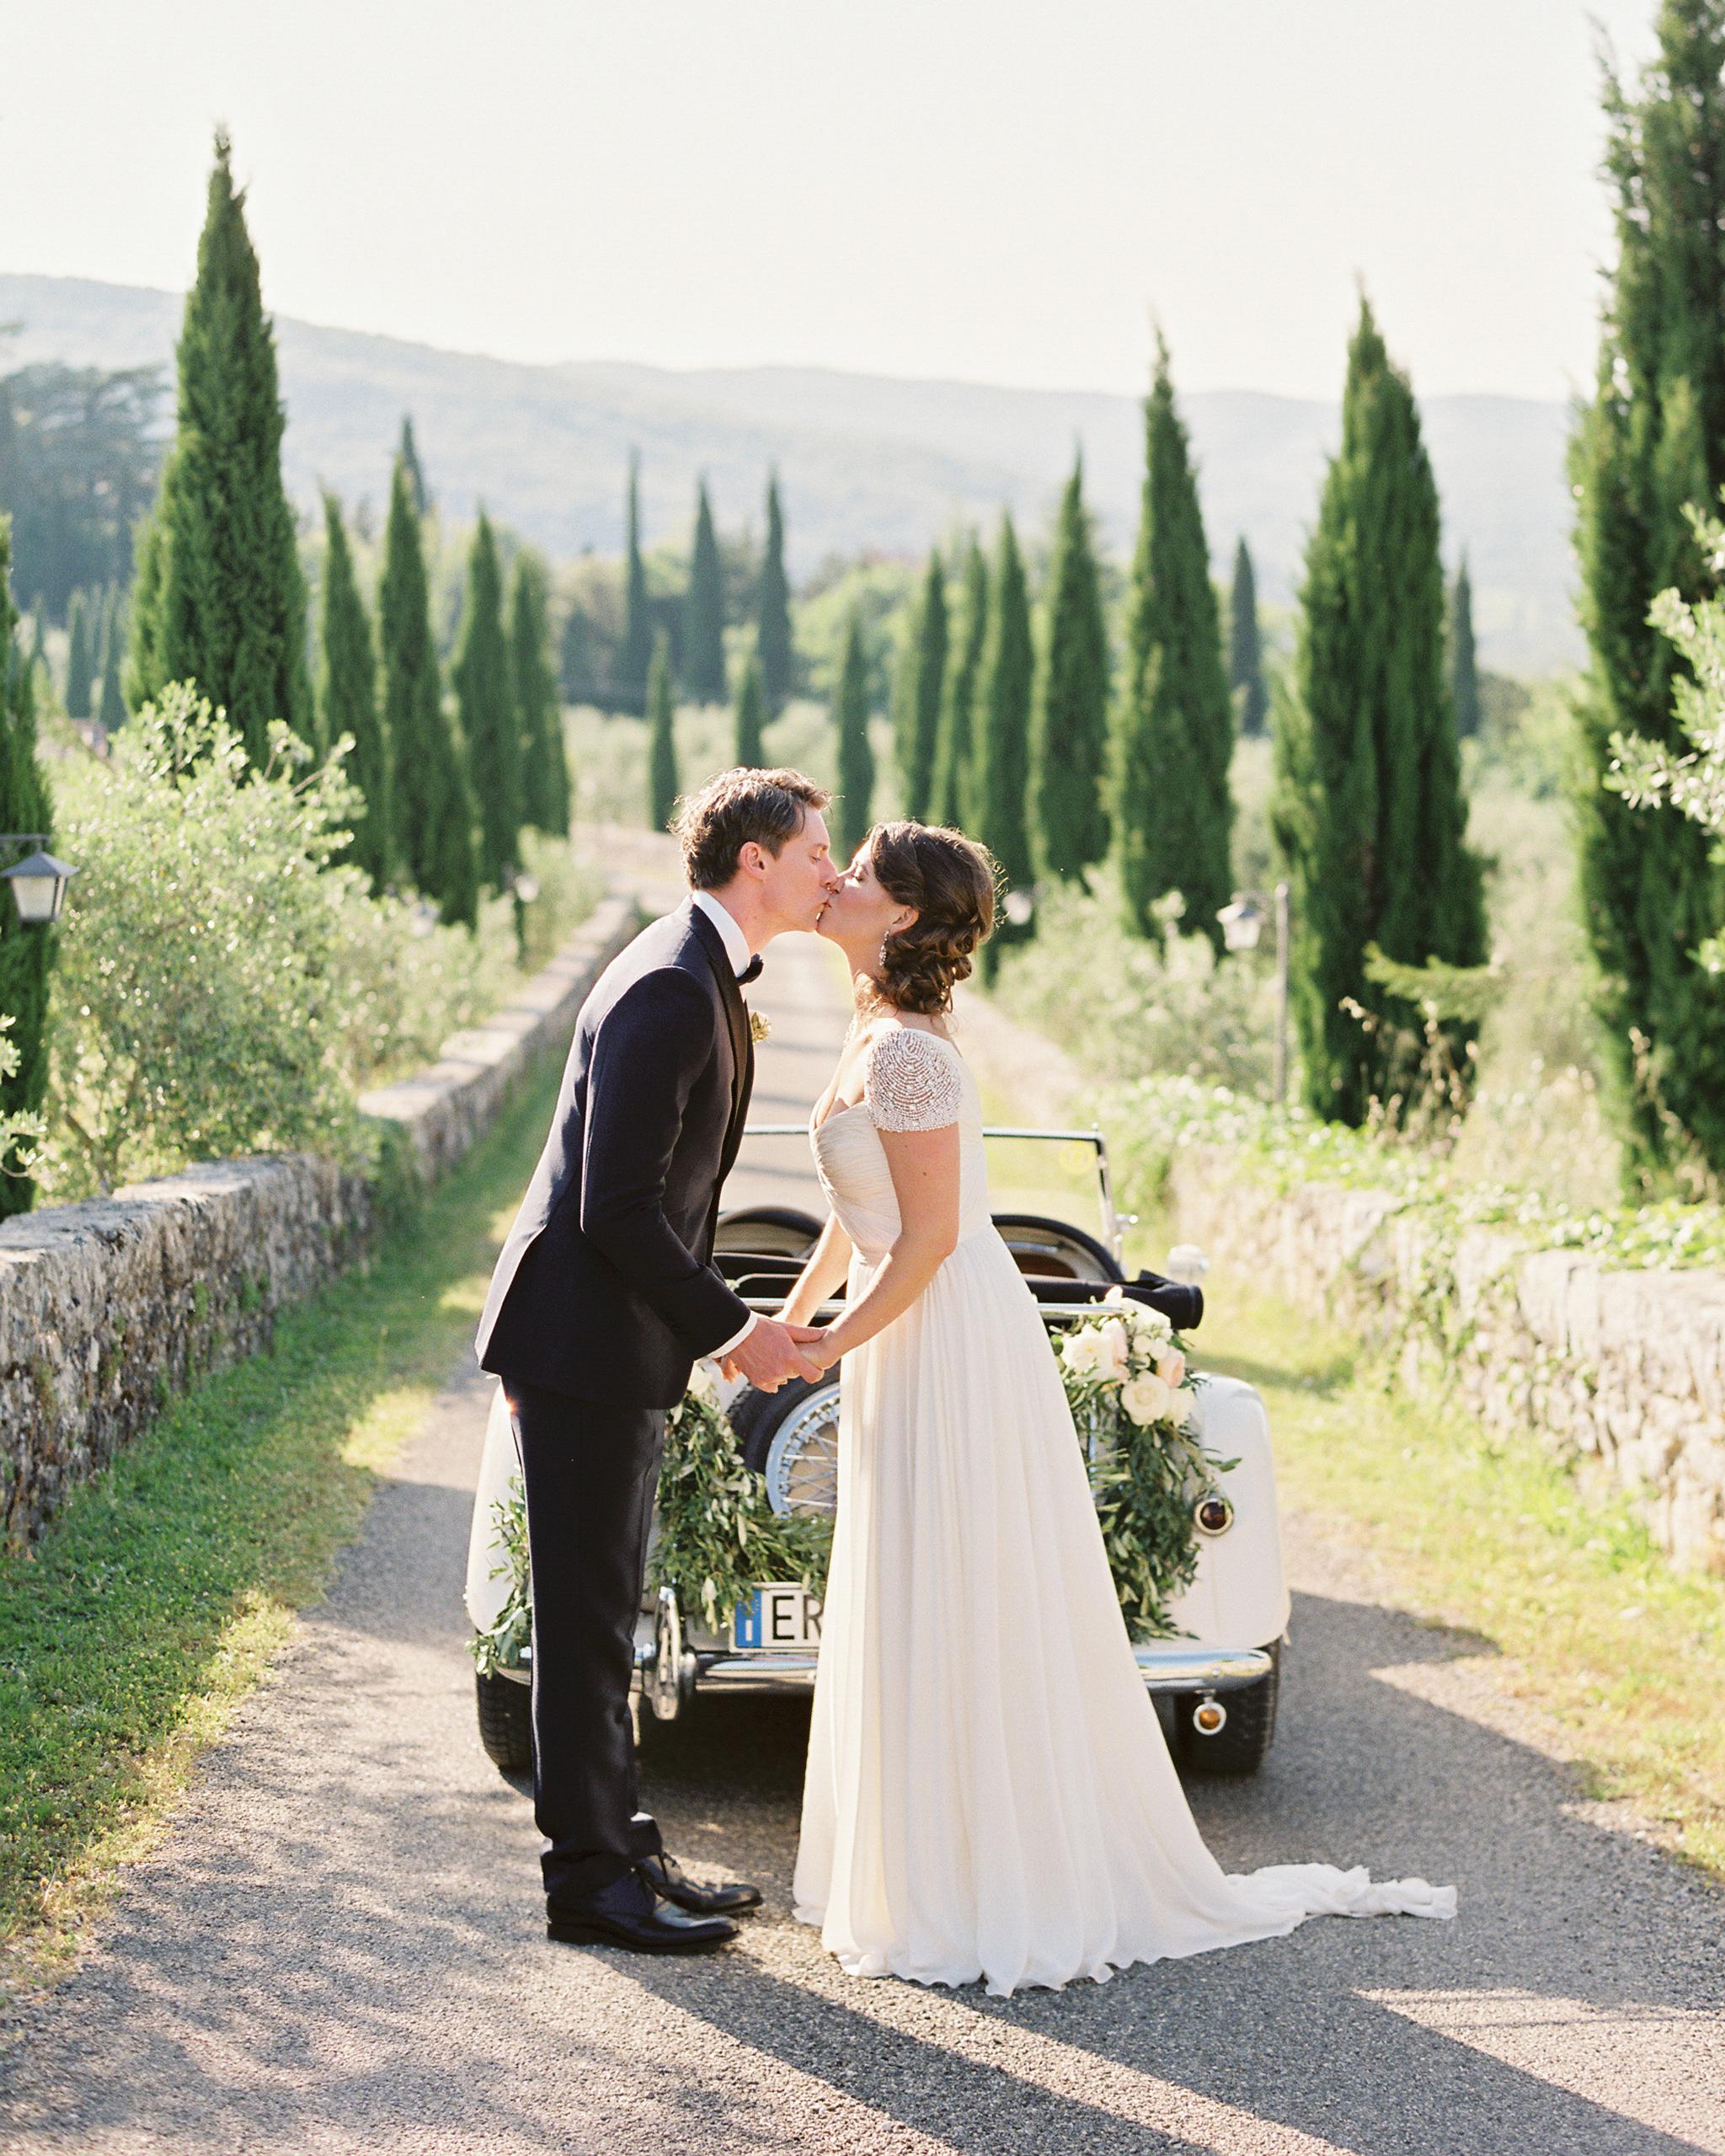 lauren-ollie-wedding-couple-401-s111895-0515.jpg